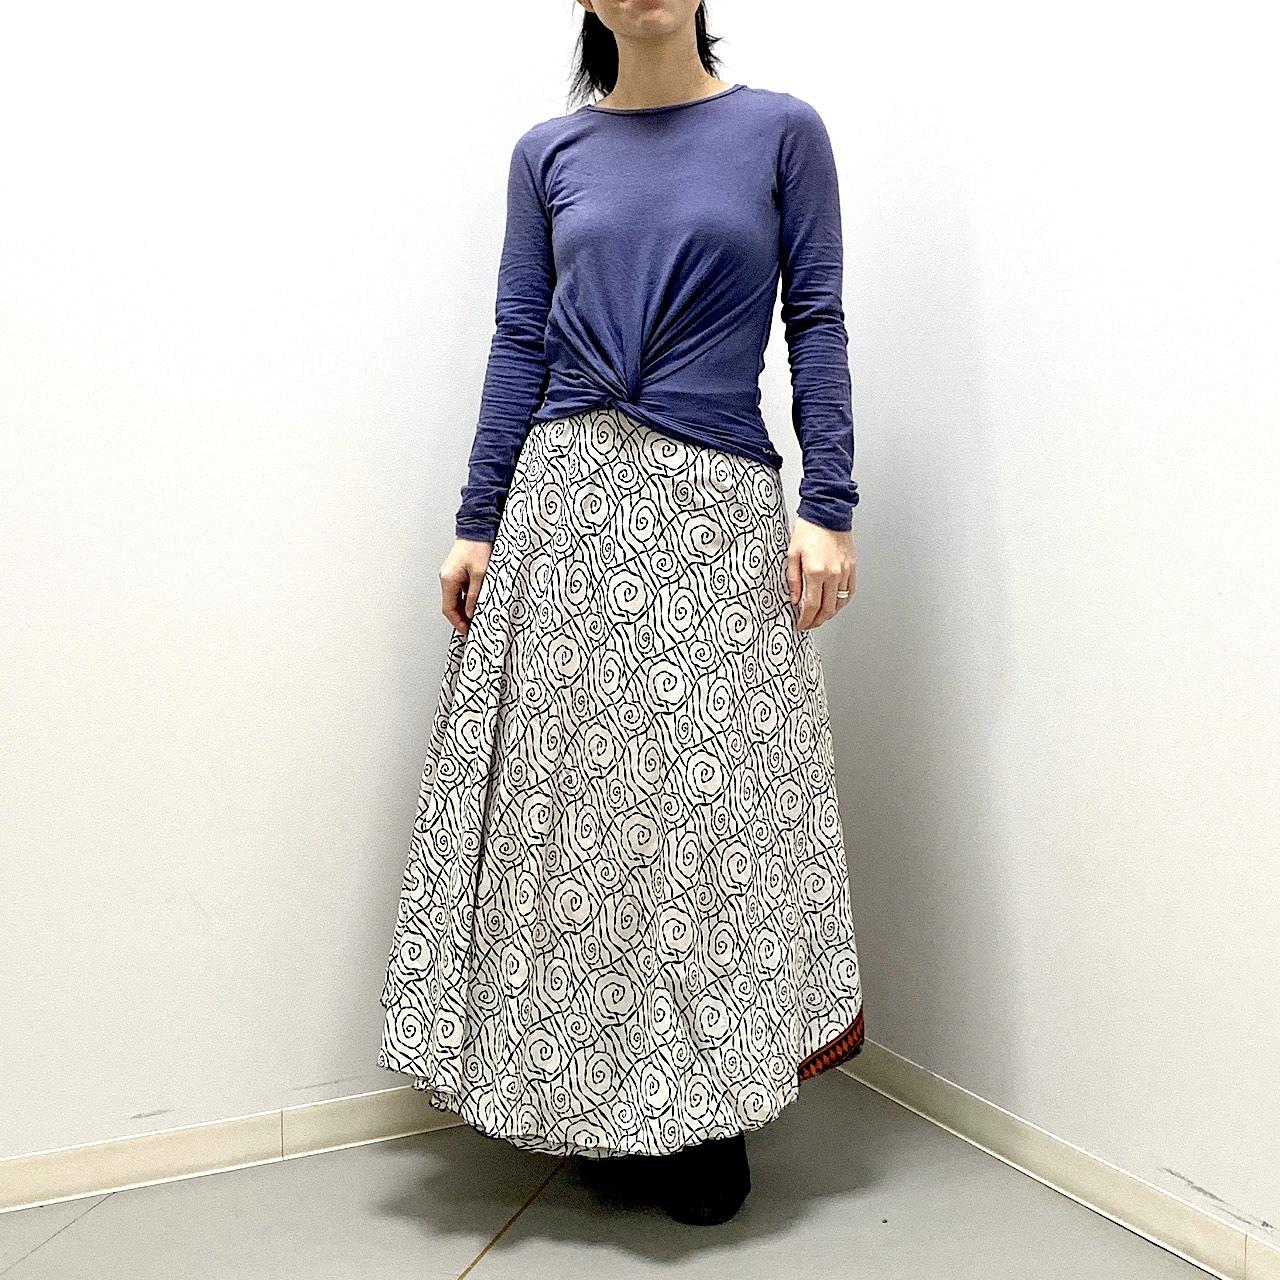 dsl-198 シルクサリー 巻きスカート ロング